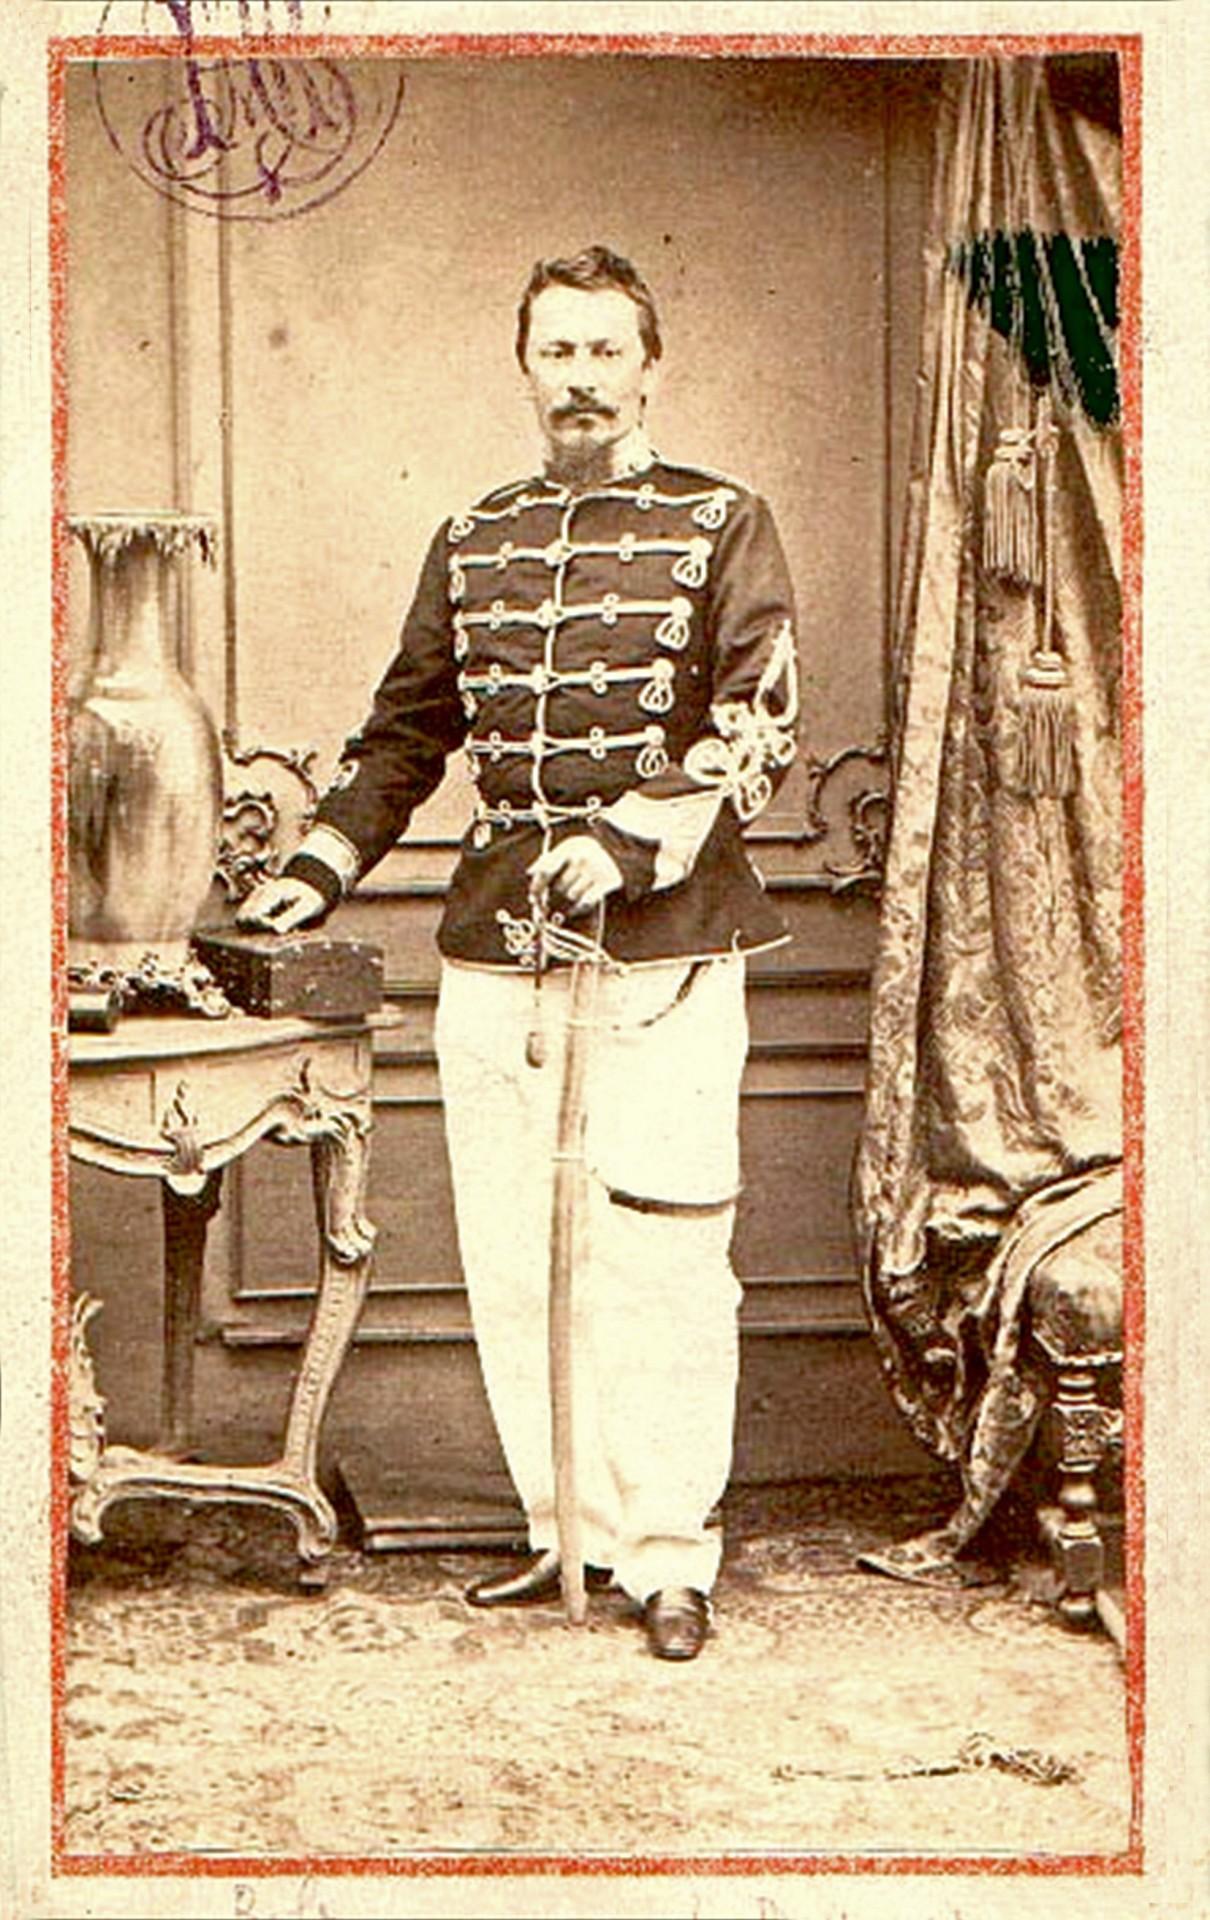 alexandru ioan cuza, unirea, unire, 1859, 24 ianuarie, mica unire, marea unire, divanul ad-hoc, ius valachorum, unirea, gheorghe bibescu